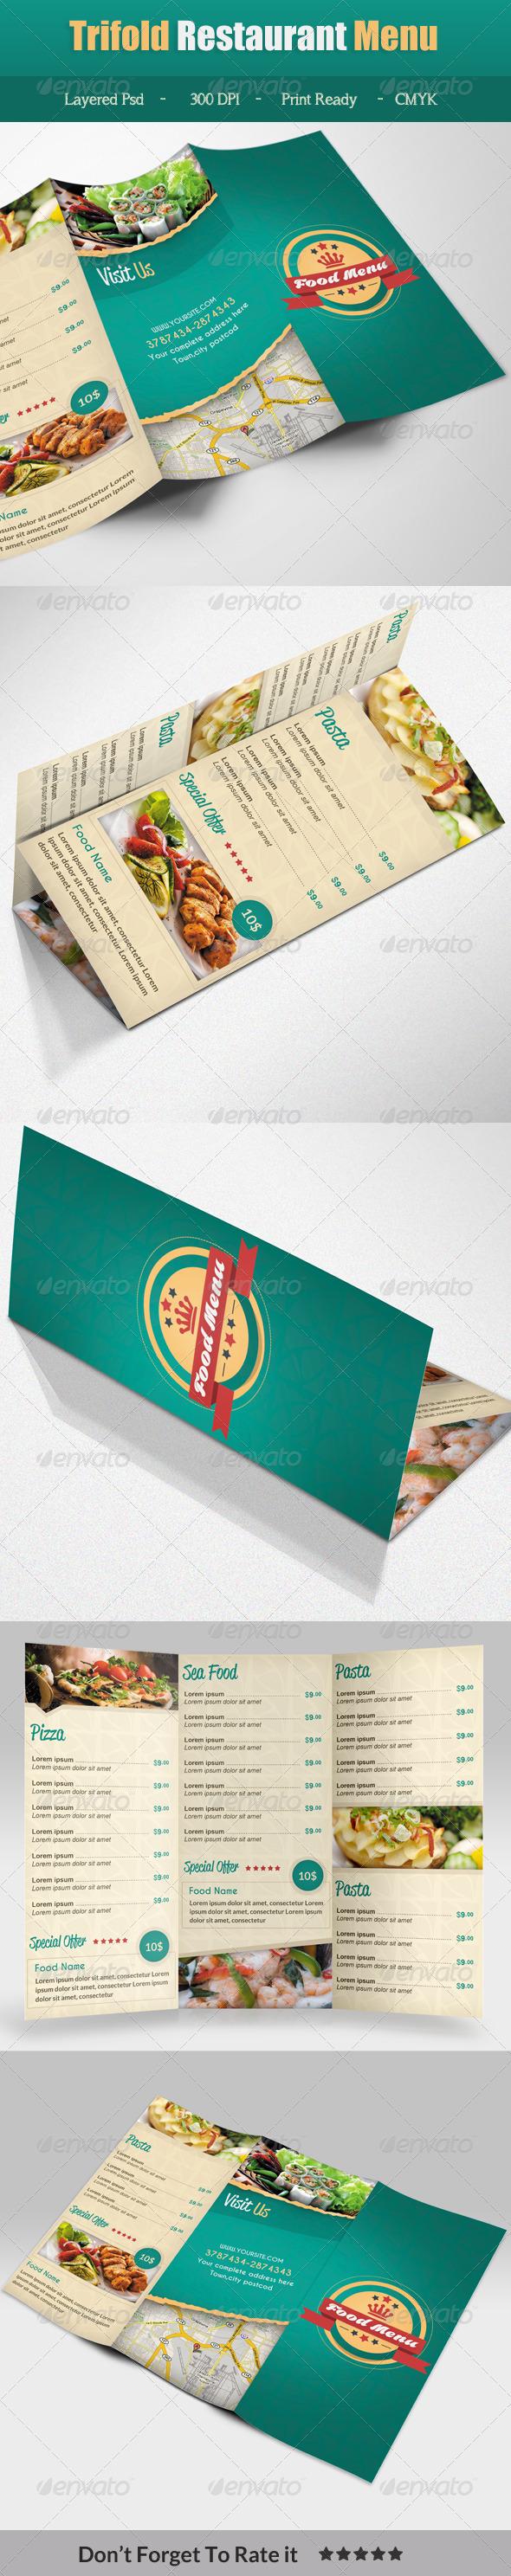 GraphicRiver Trifold Restaurant Menu 7187701